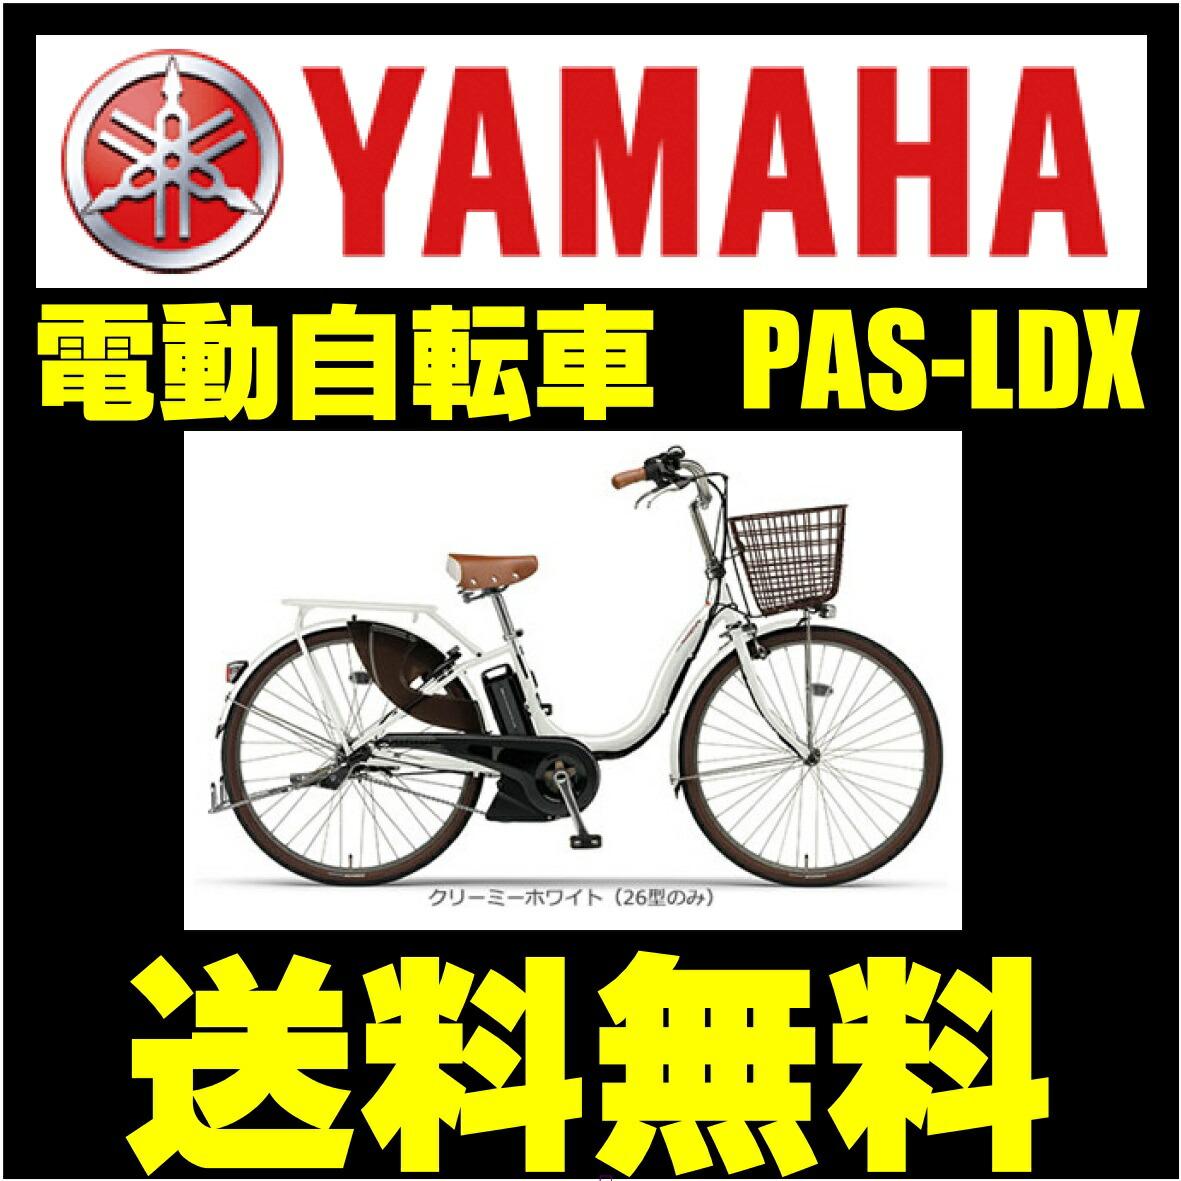 電動アシスト自転車 ヤマハ PAS ナチュラLDX 26型 電動自転車 クリーミーホワイト 白 内装3段ギア 2016年モデル 26インチ 激安 格安